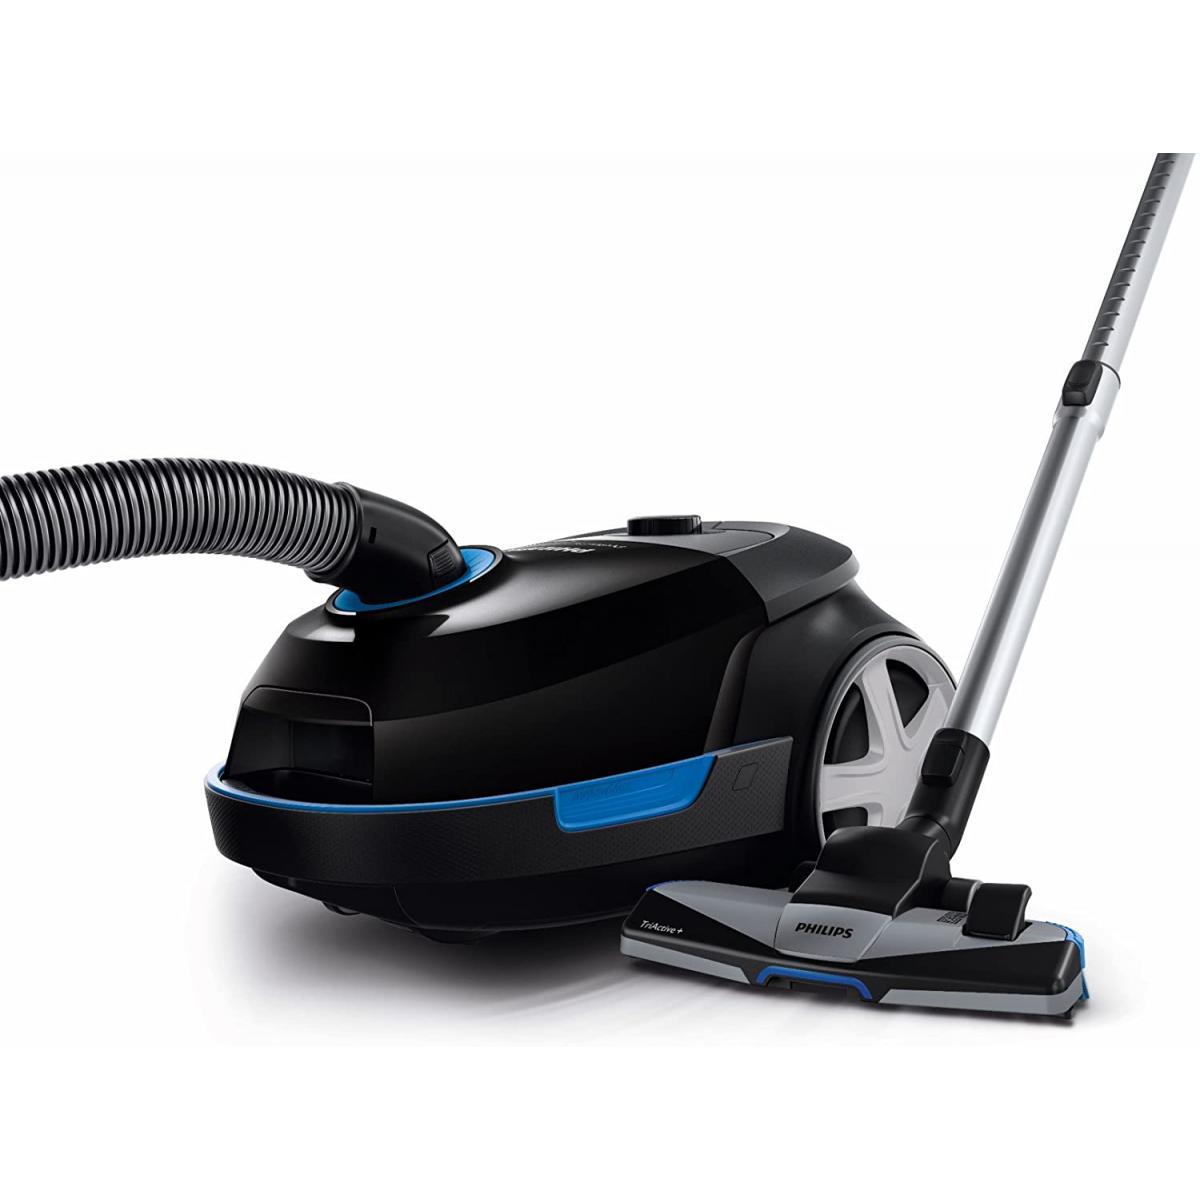 Philips aspirateur avec sac de 4L 650W spécial poils d'animaux bleu noir